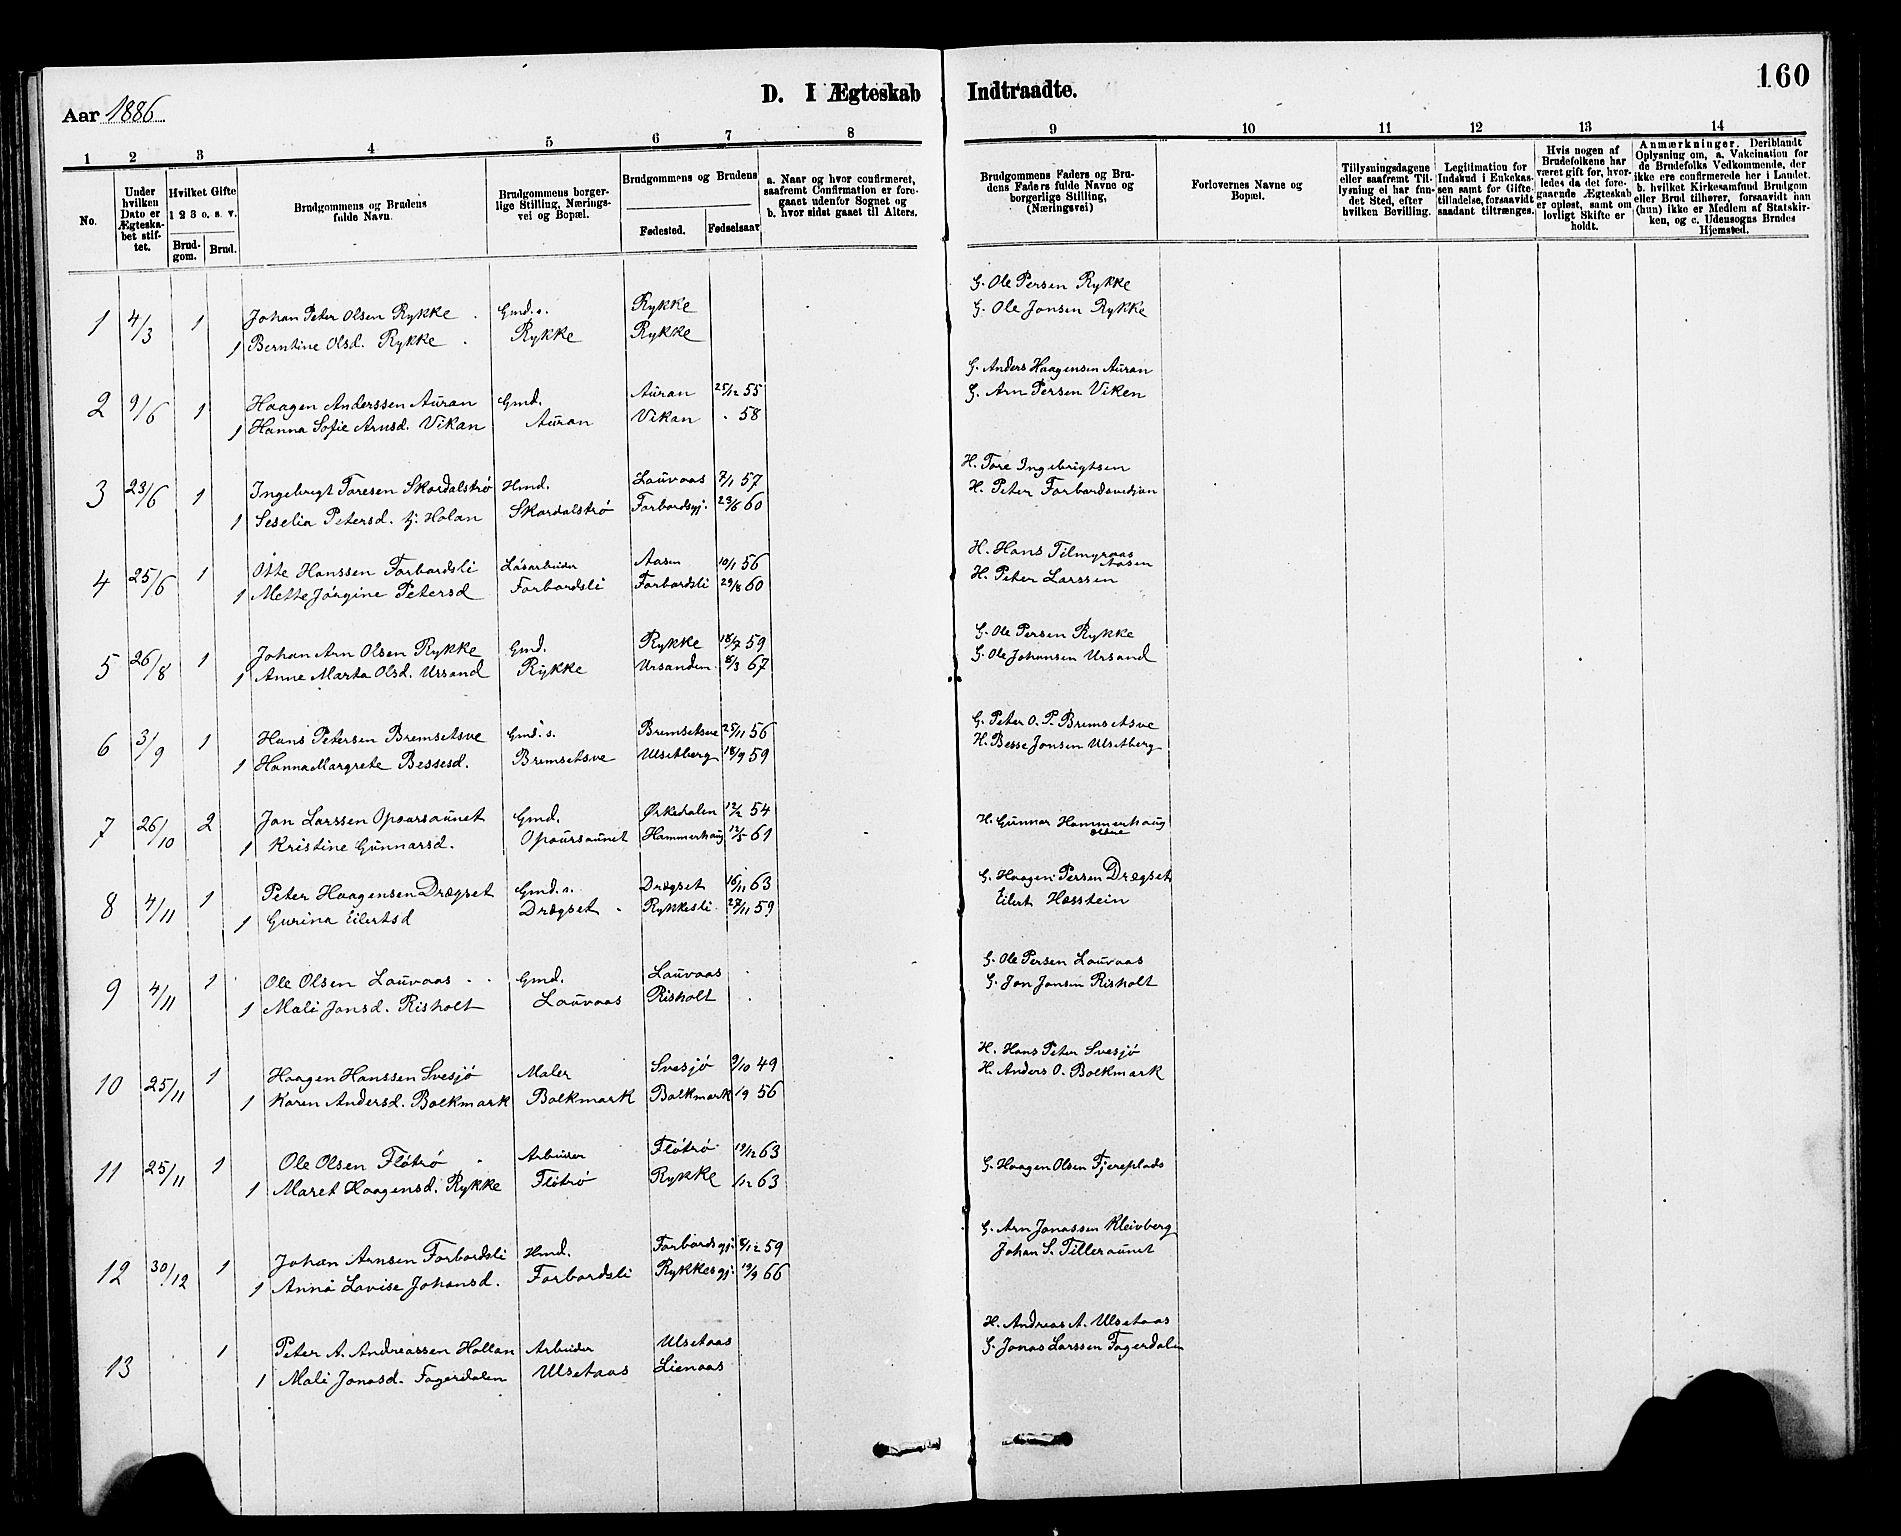 SAT, Ministerialprotokoller, klokkerbøker og fødselsregistre - Nord-Trøndelag, 712/L0103: Klokkerbok nr. 712C01, 1878-1917, s. 160